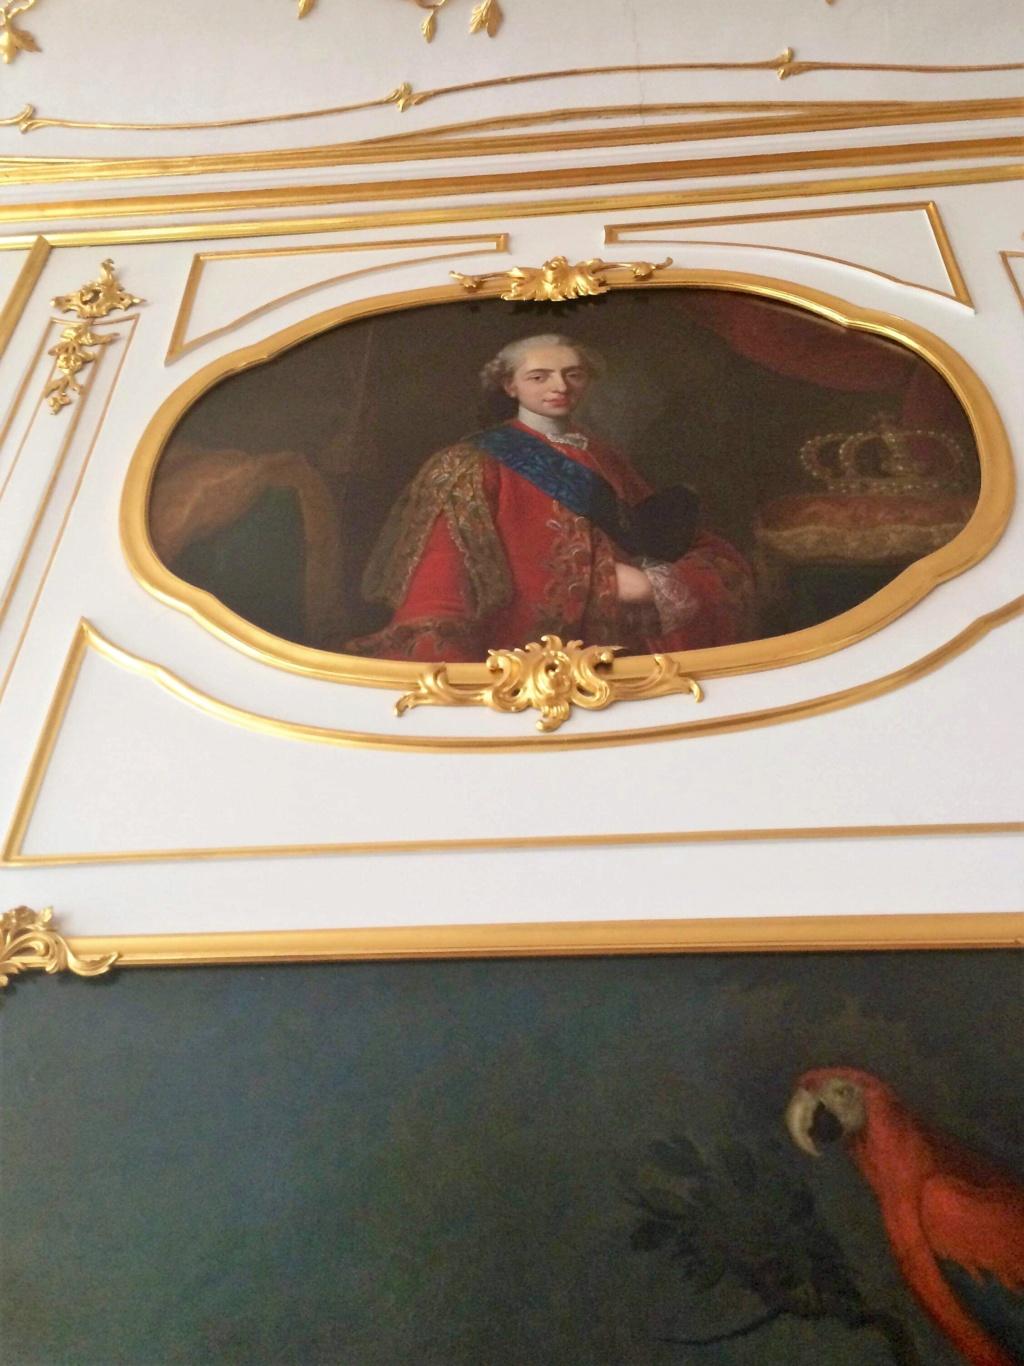 En visite à Prague pour l'impératrice Marie-Thérèse, l'empereur Joseph II, Marie-Thérèse Charlotte de France, le roi français Charles X et la famille française Rohan-Guémen,president France E. Macron. - Page 20 Img_1610